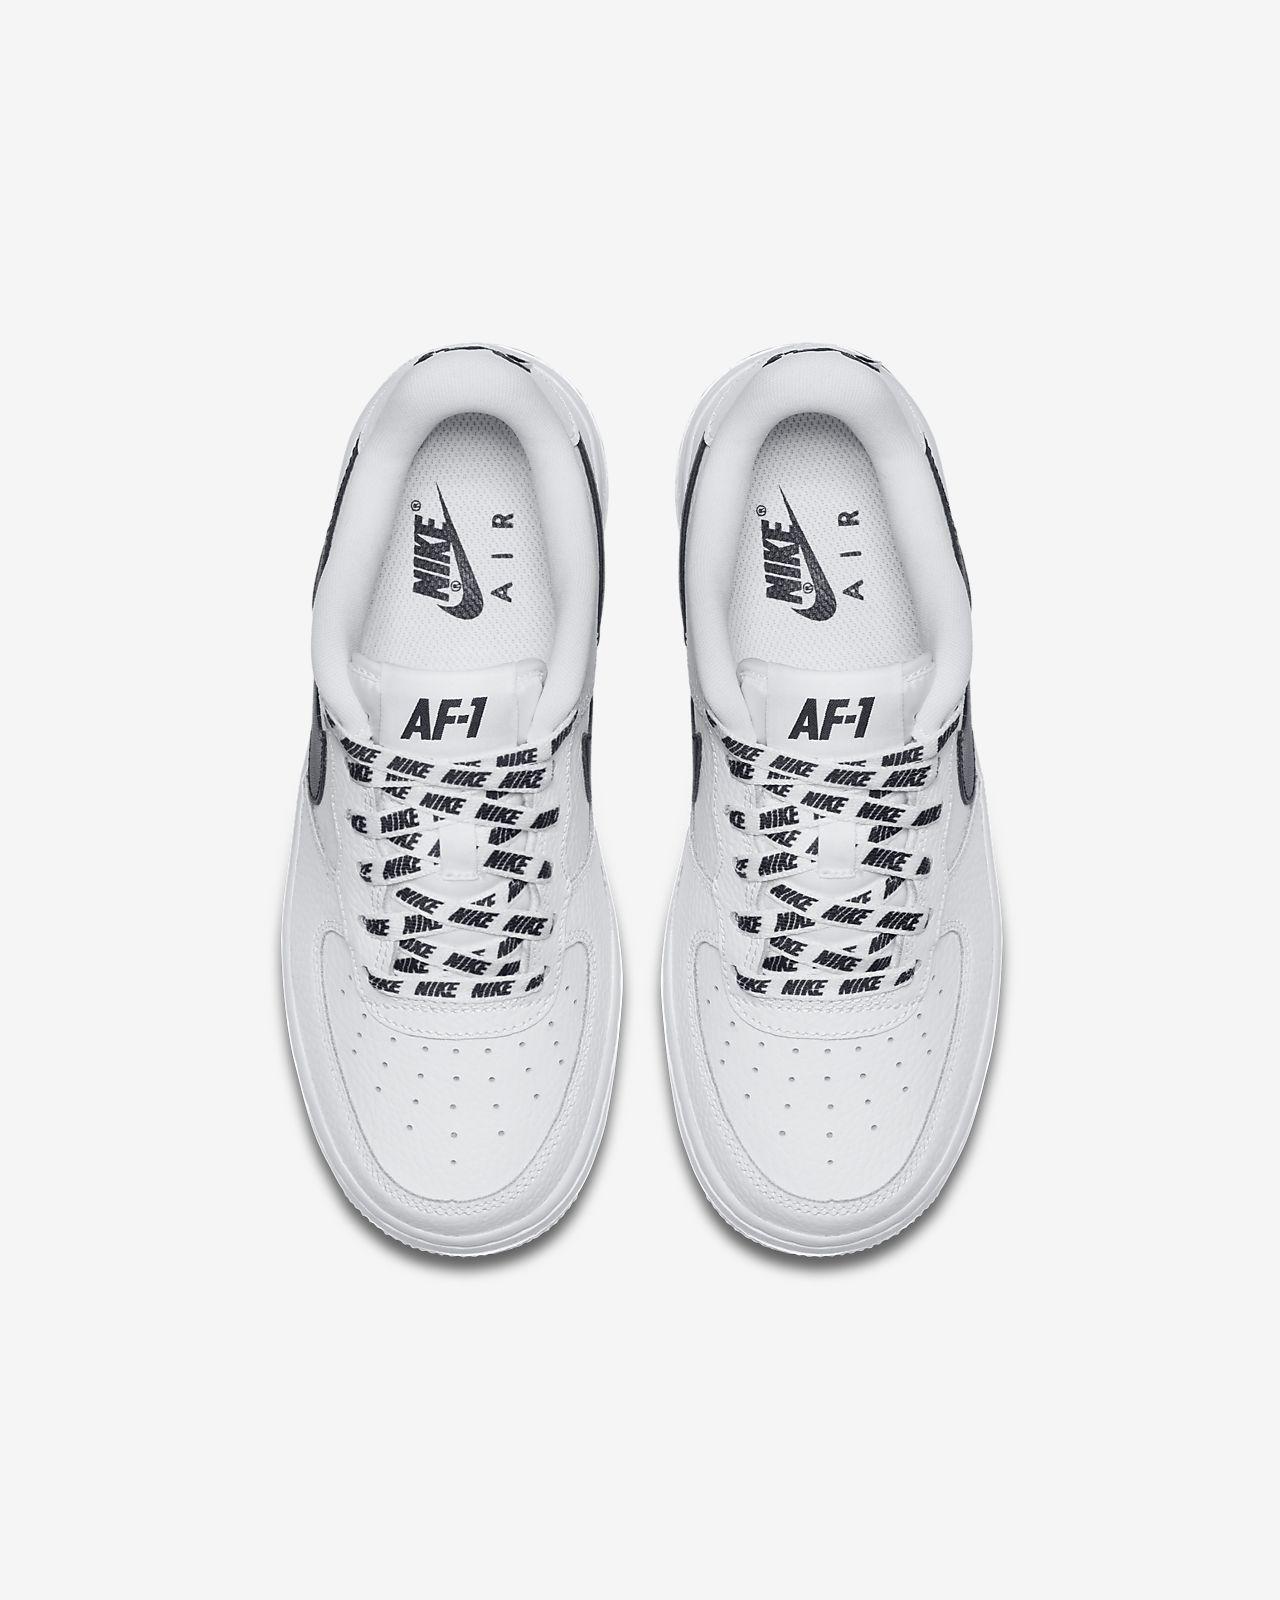 Chaussures Nike Air Force 1 blanches garçon w3qsforIP